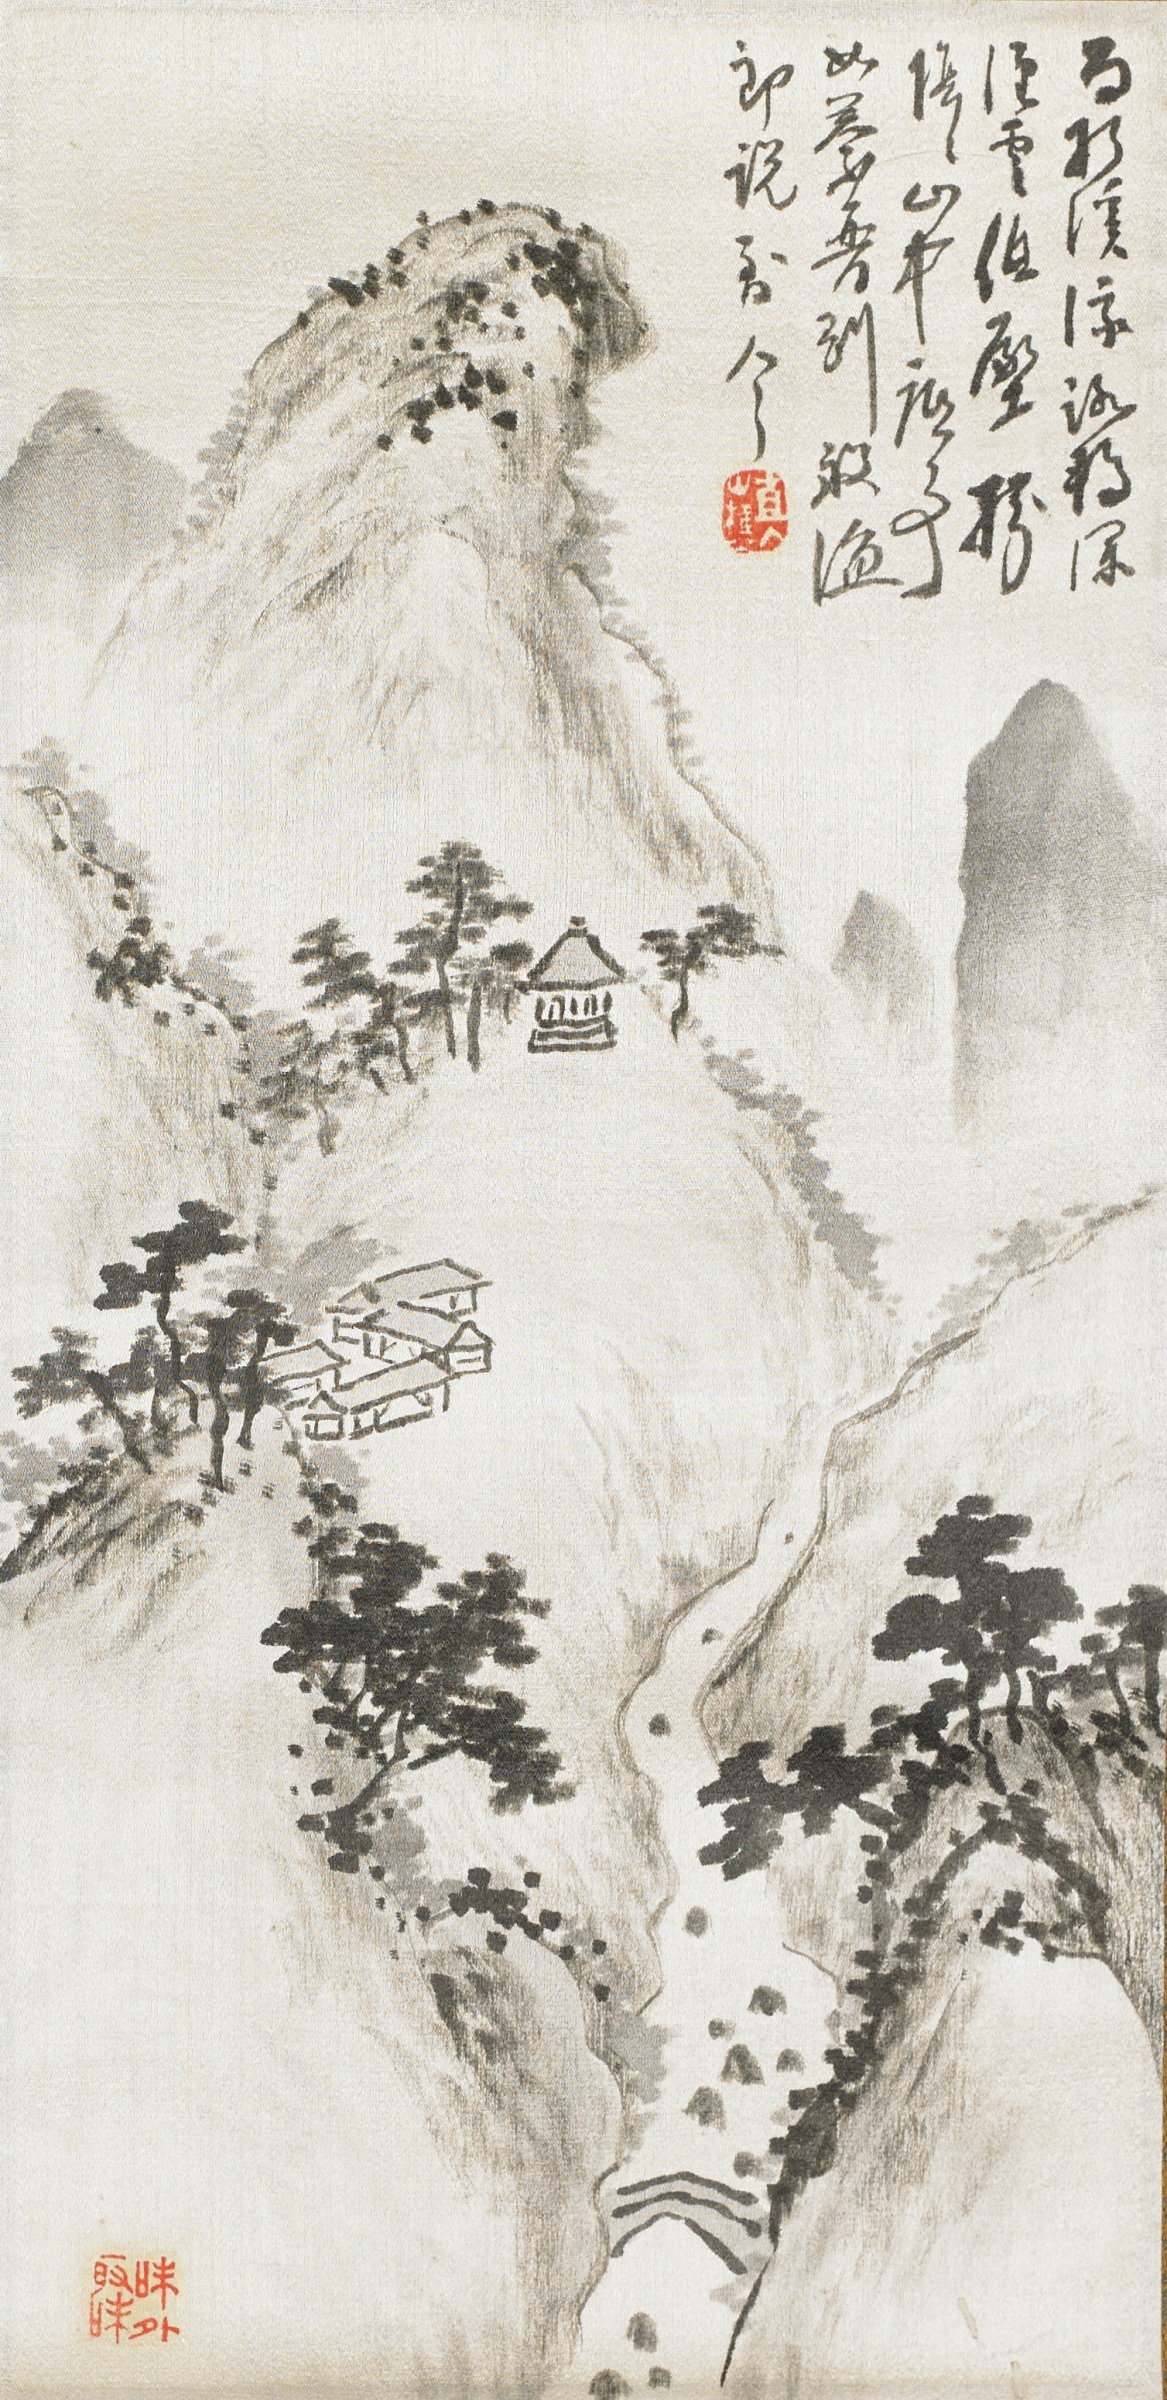 Landscape, Chokunyu Tanomura, ink on paper